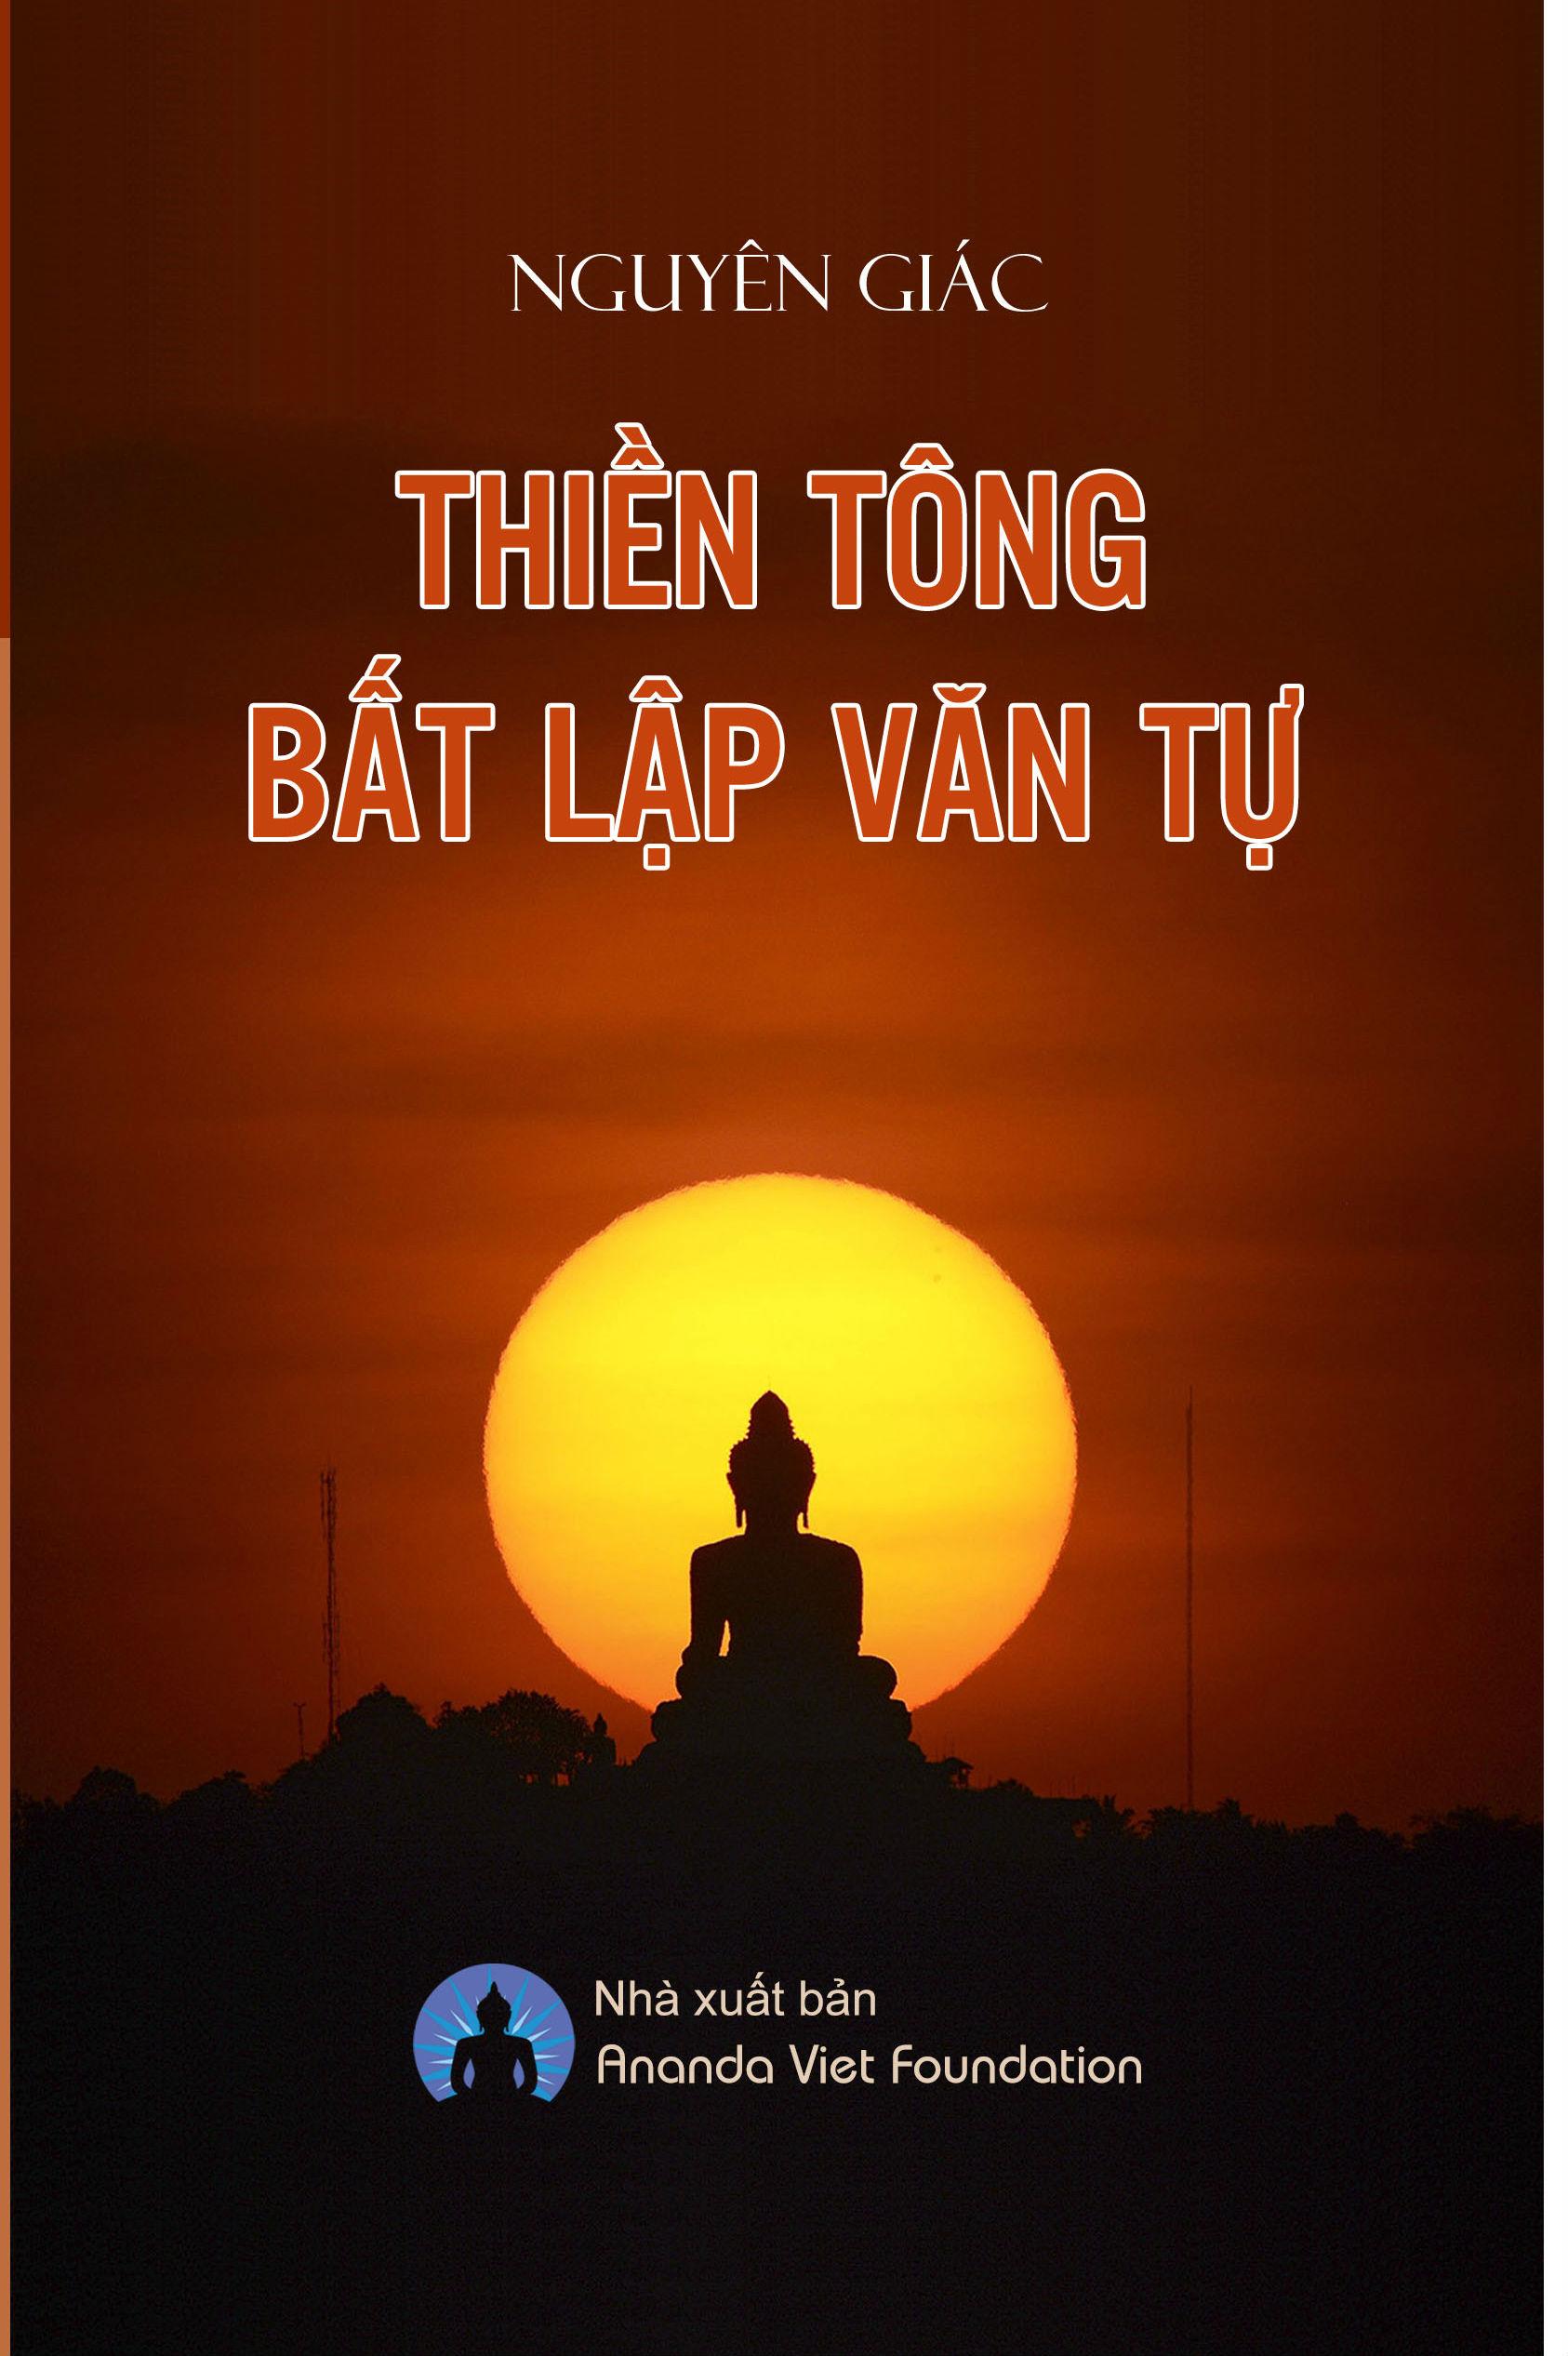 Image result for Bìa Thiền Tông Bất Lập Văn Tự của Nguyên Giác